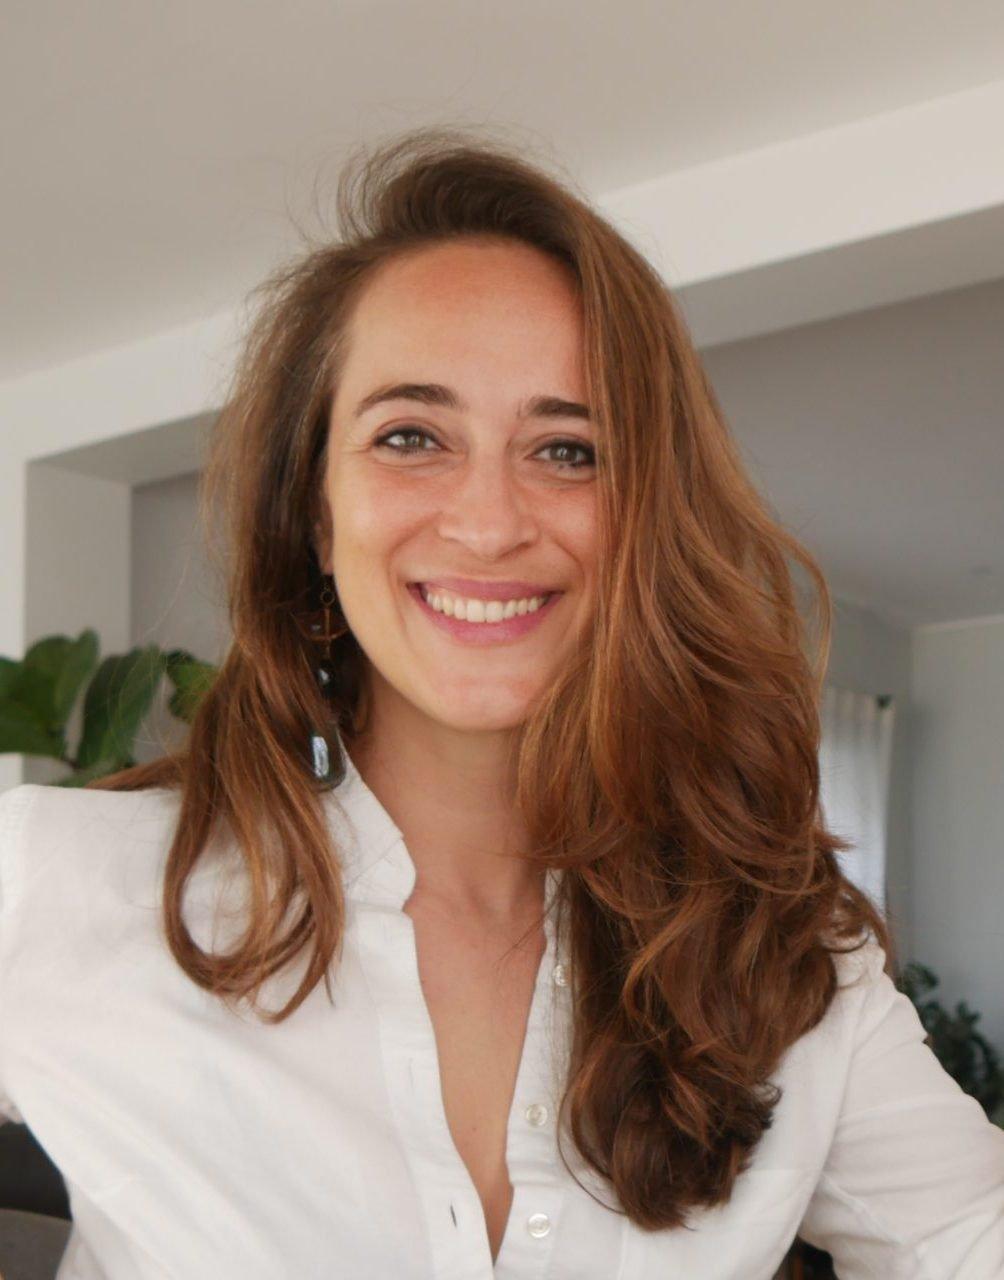 Veronica Amarelle smiling